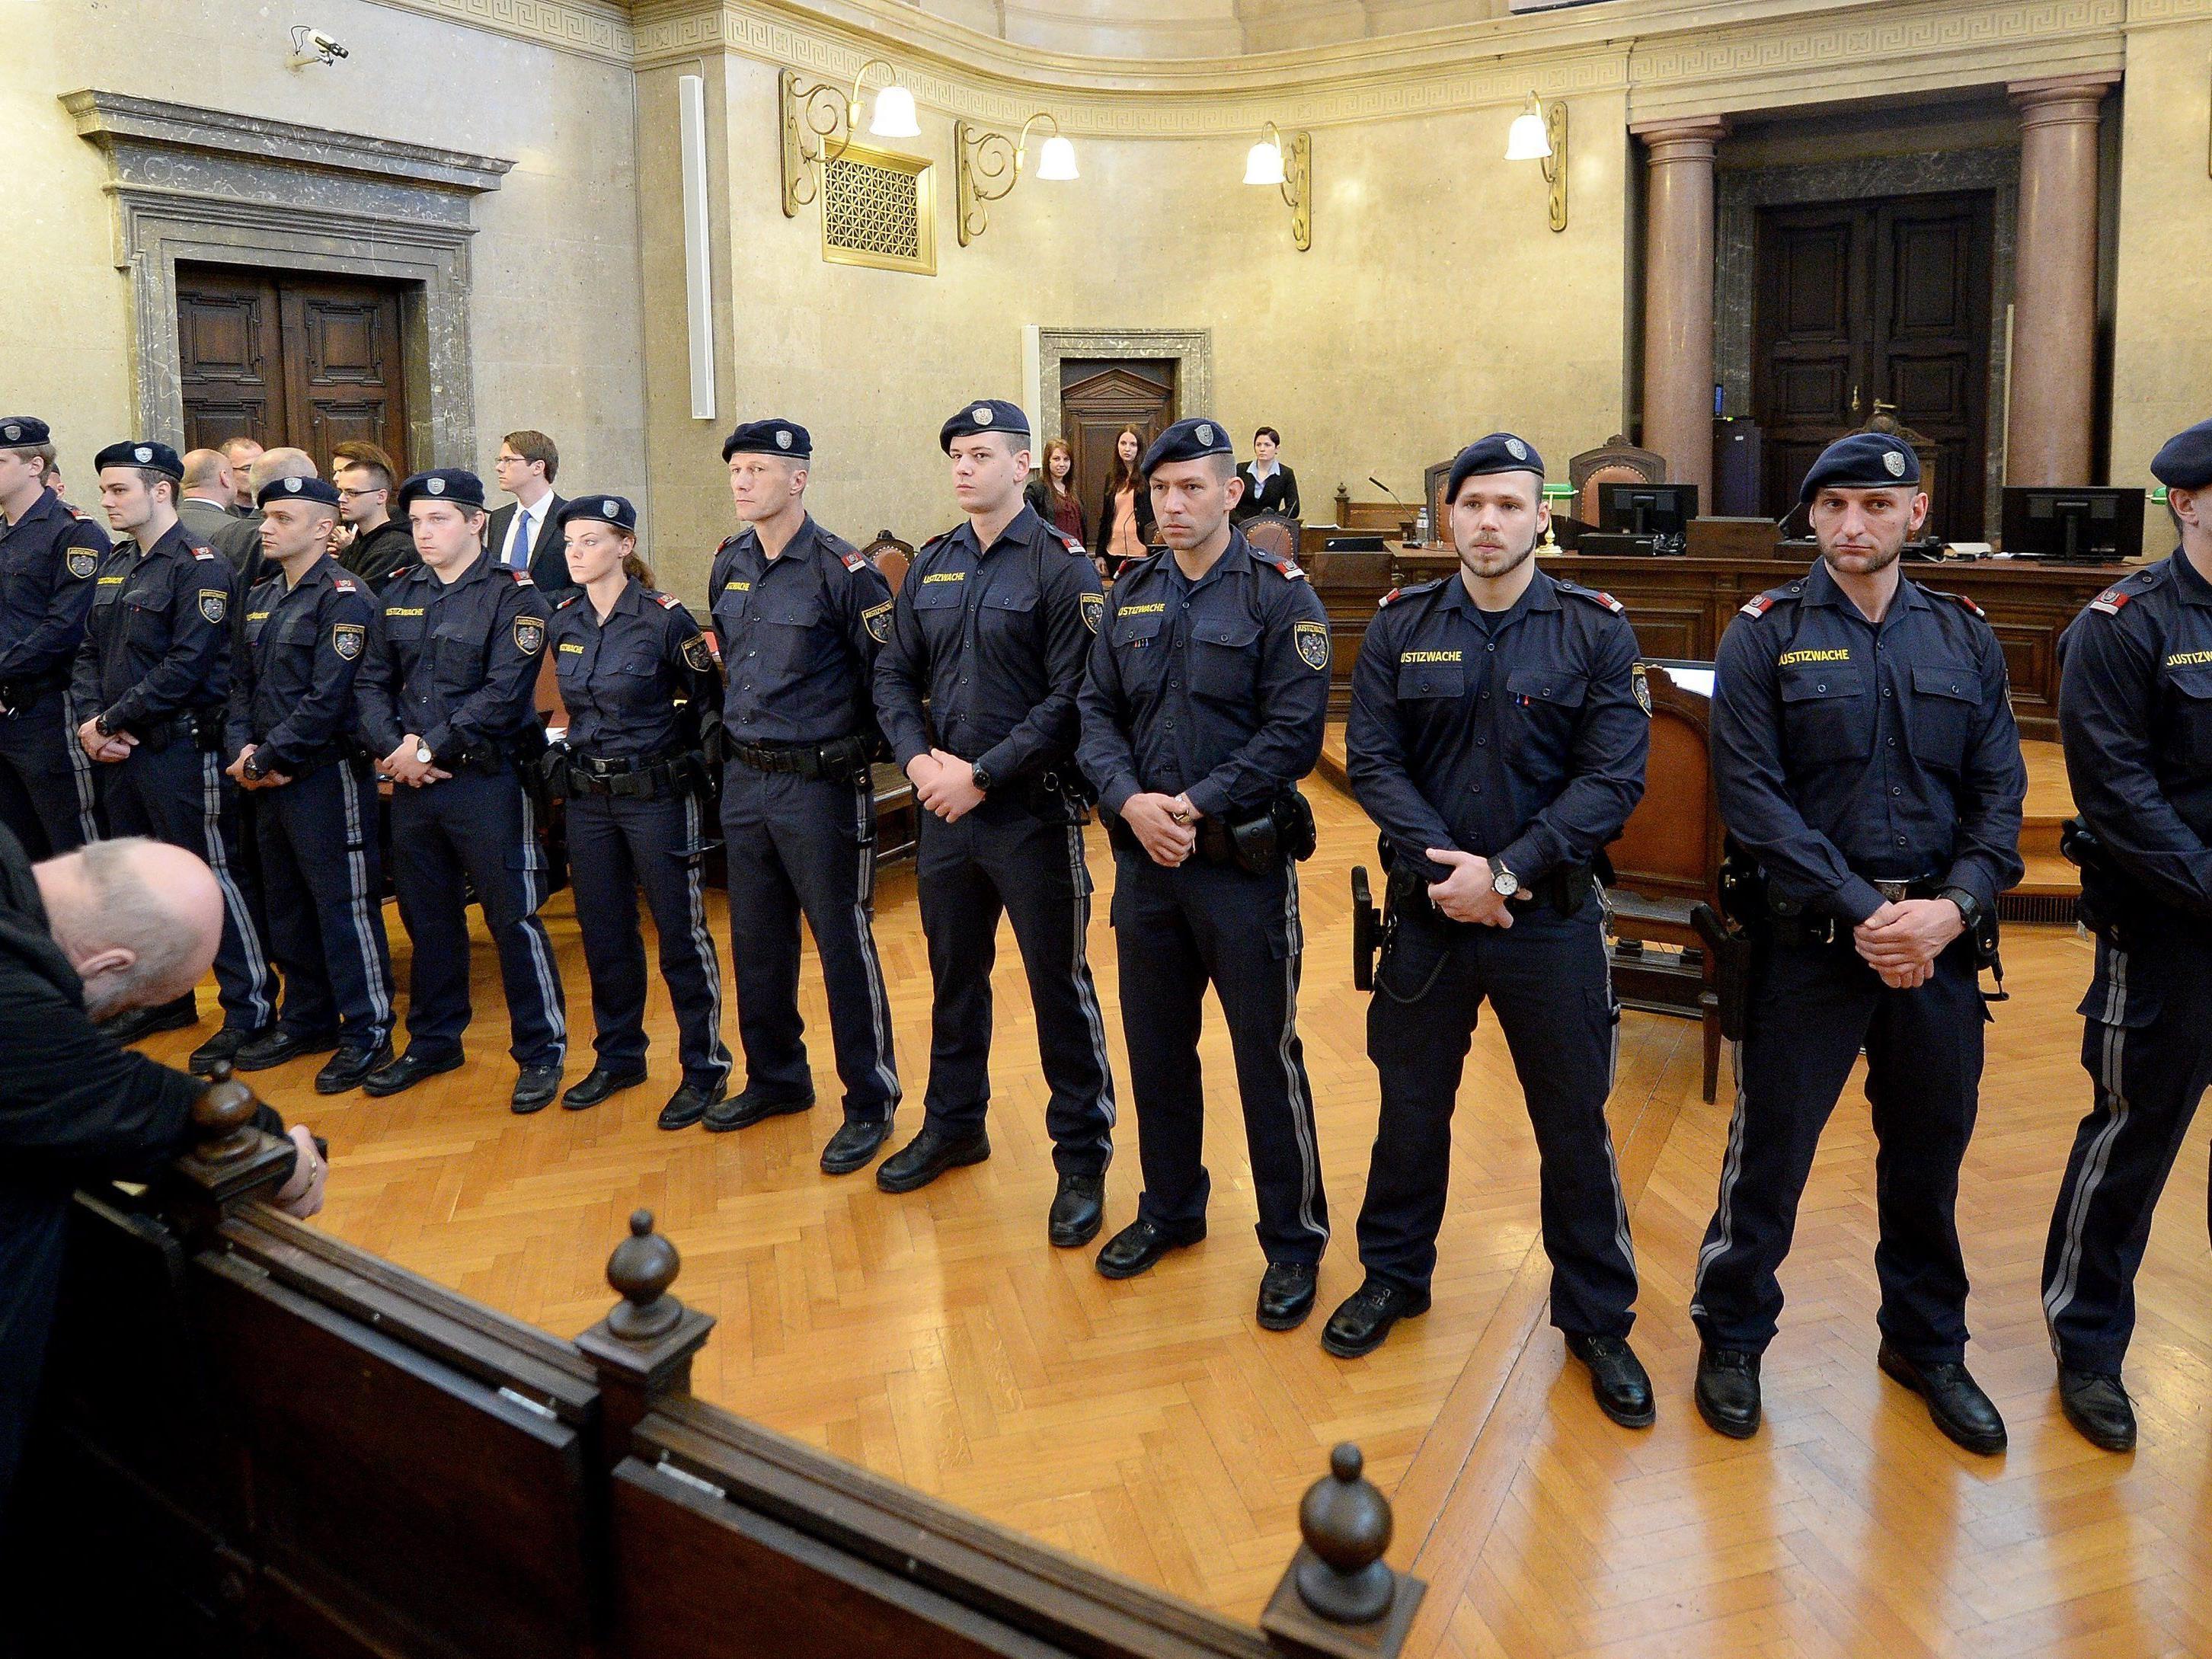 Aliyev-Prozess in Wien wird fortgesetzt